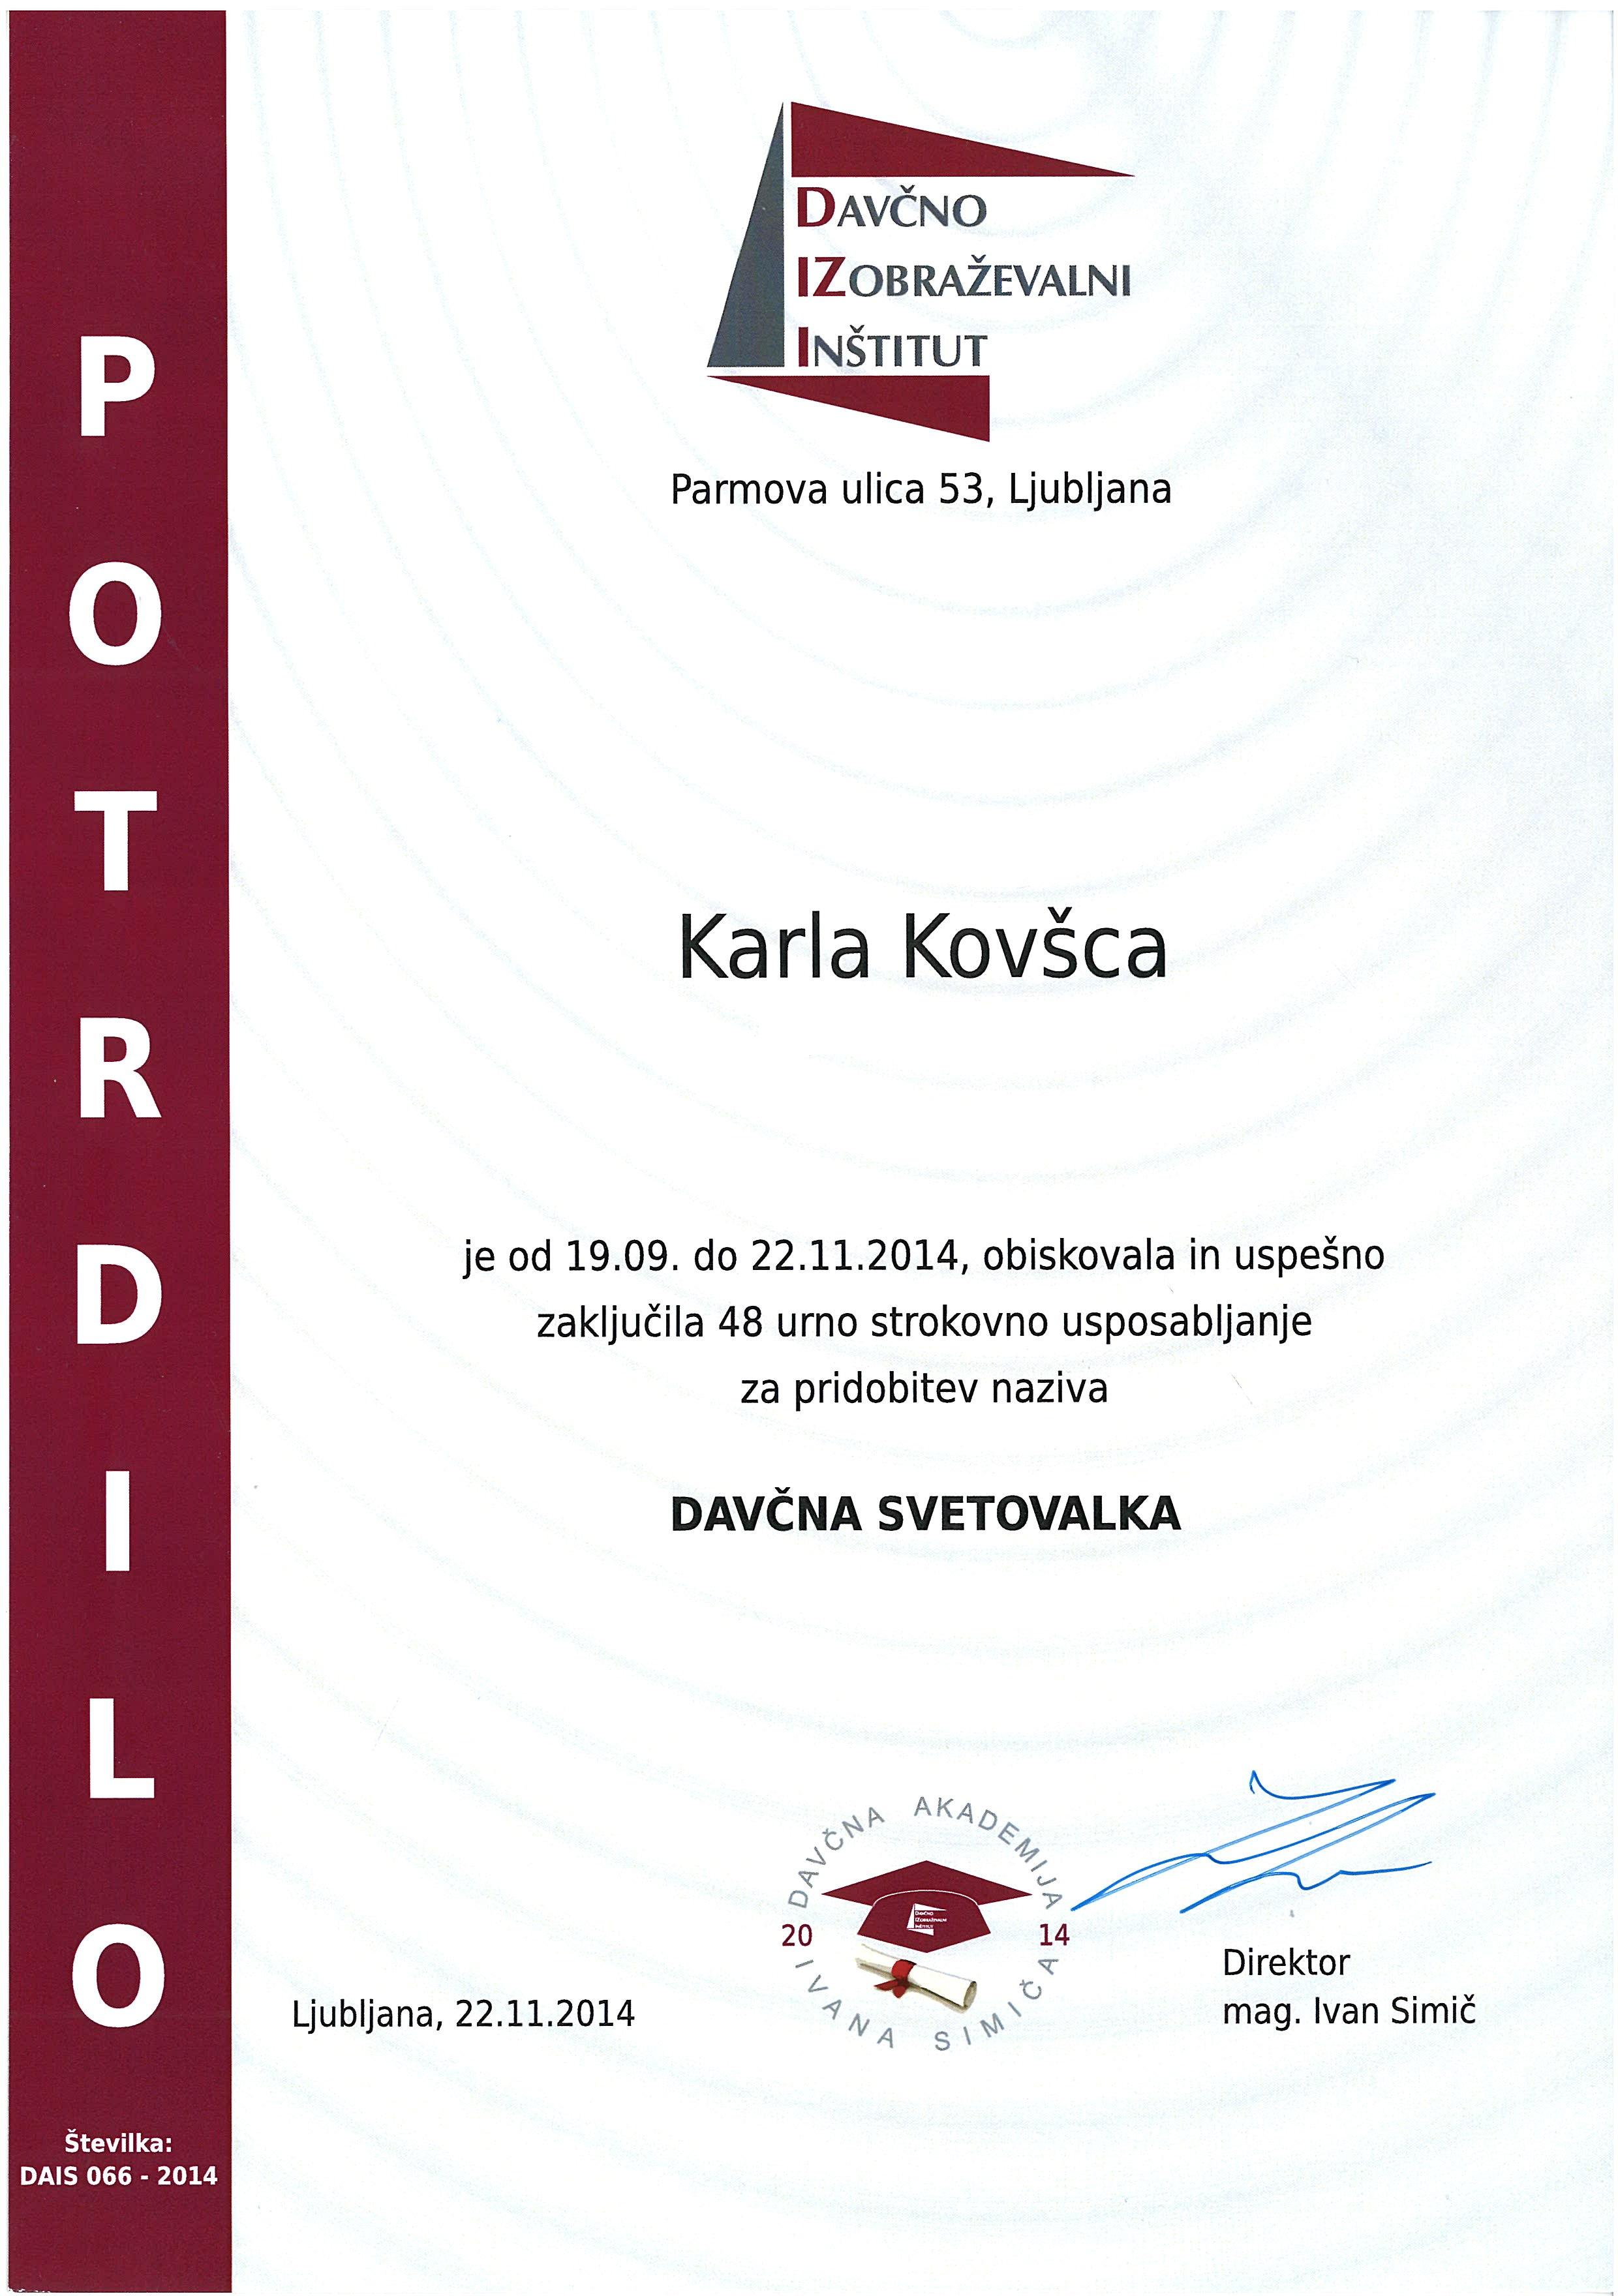 KARLA_potrdilo_DIZI